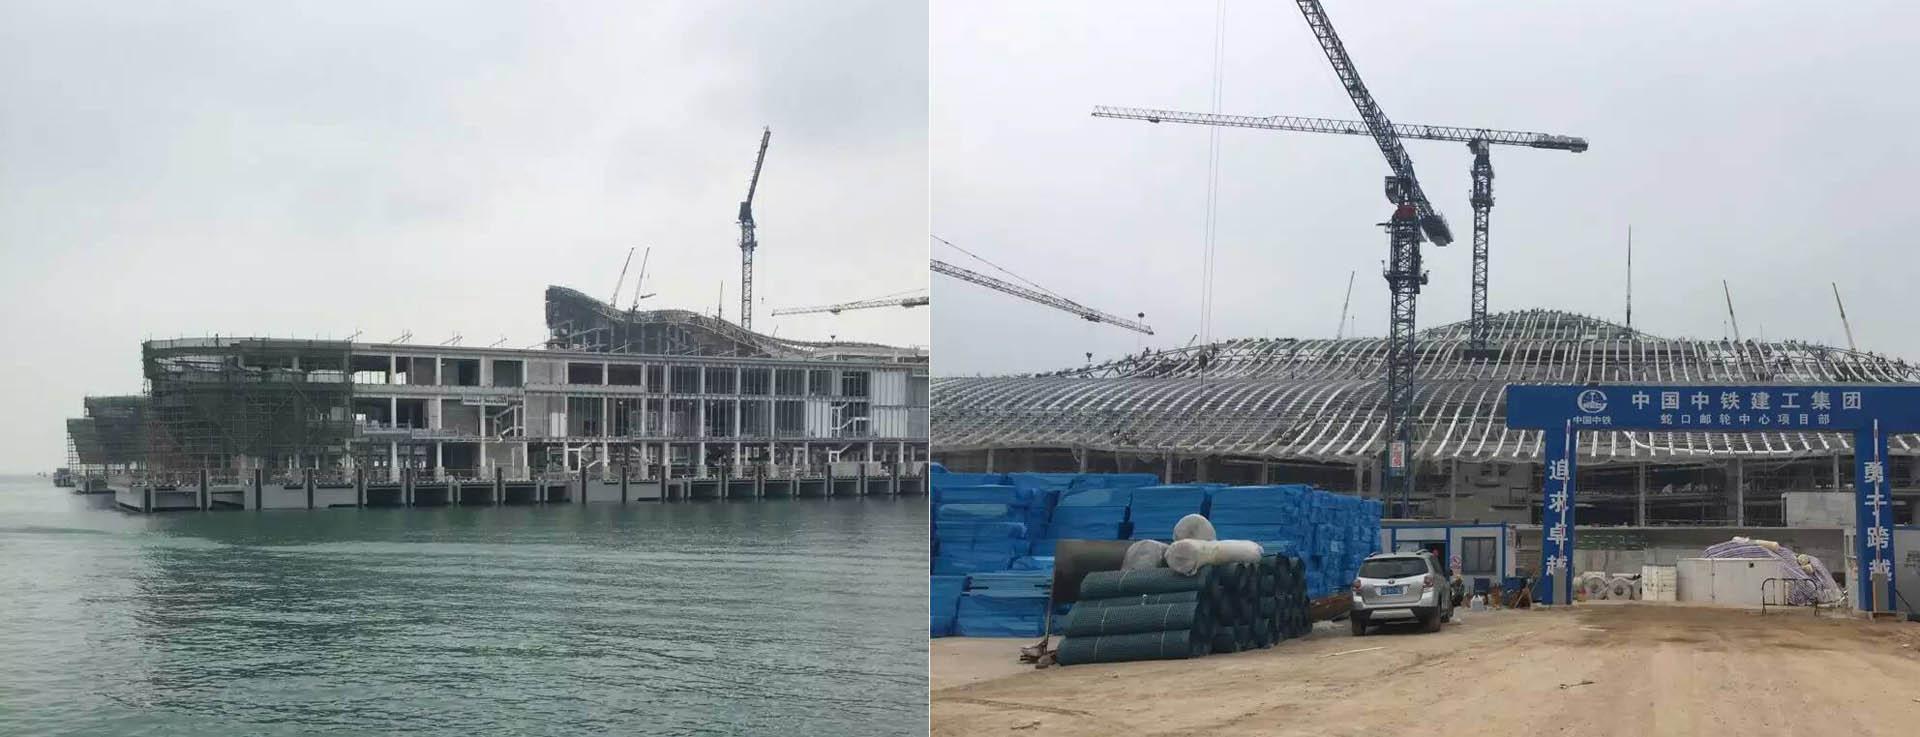 该项目由深圳招商局蛇口工业区有限公司与全球最大的邮轮公司之一